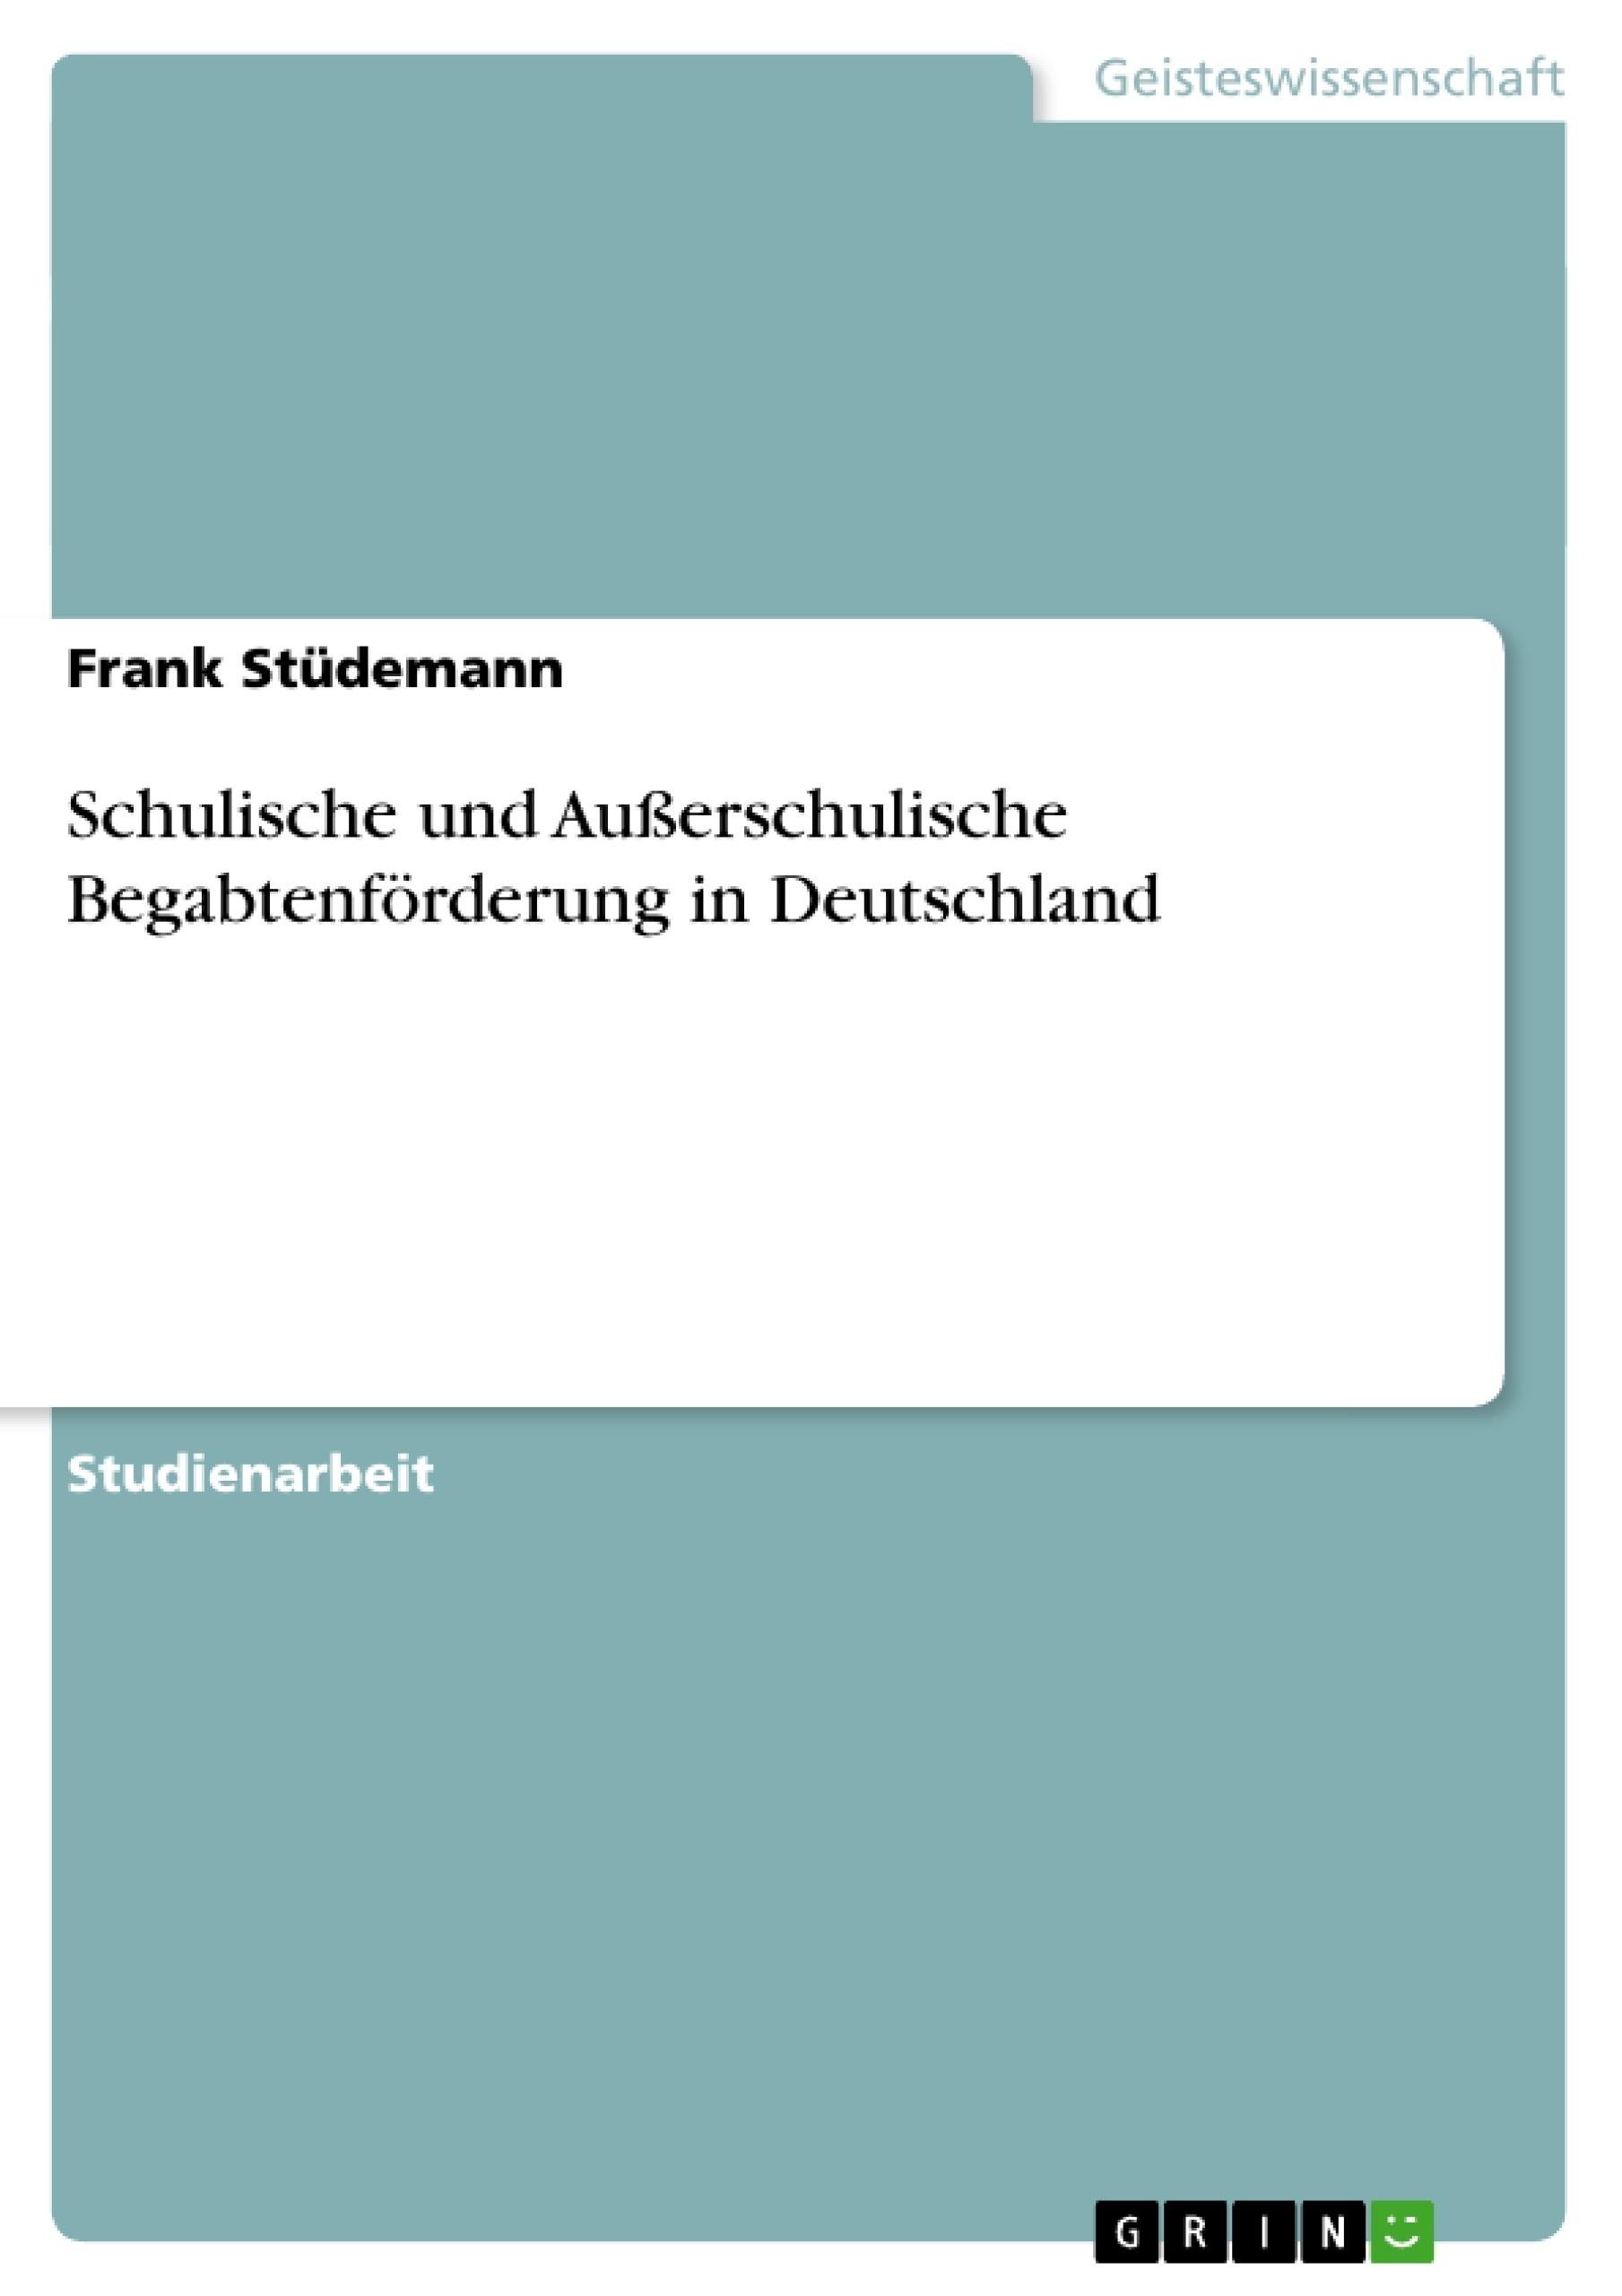 Titel: Schulische und Außerschulische Begabtenförderung in Deutschland